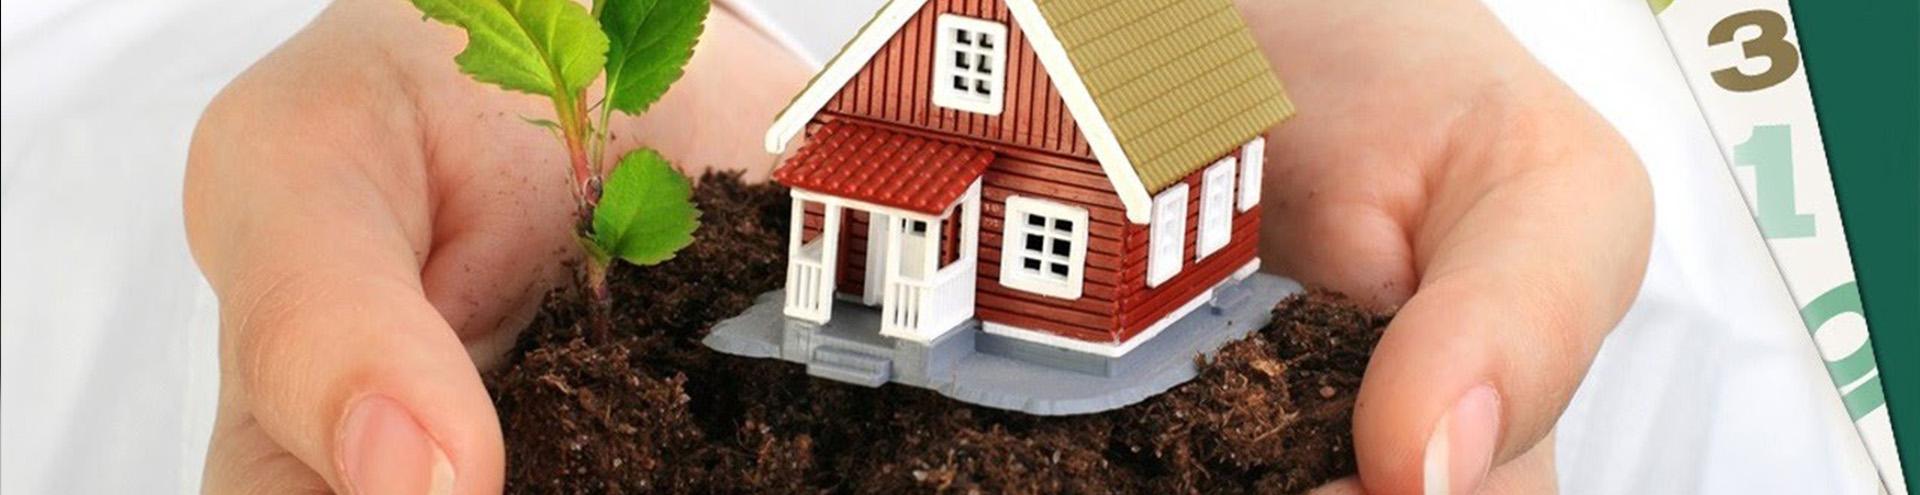 Признание права собственности в Краснодаре и Краснодарском крае